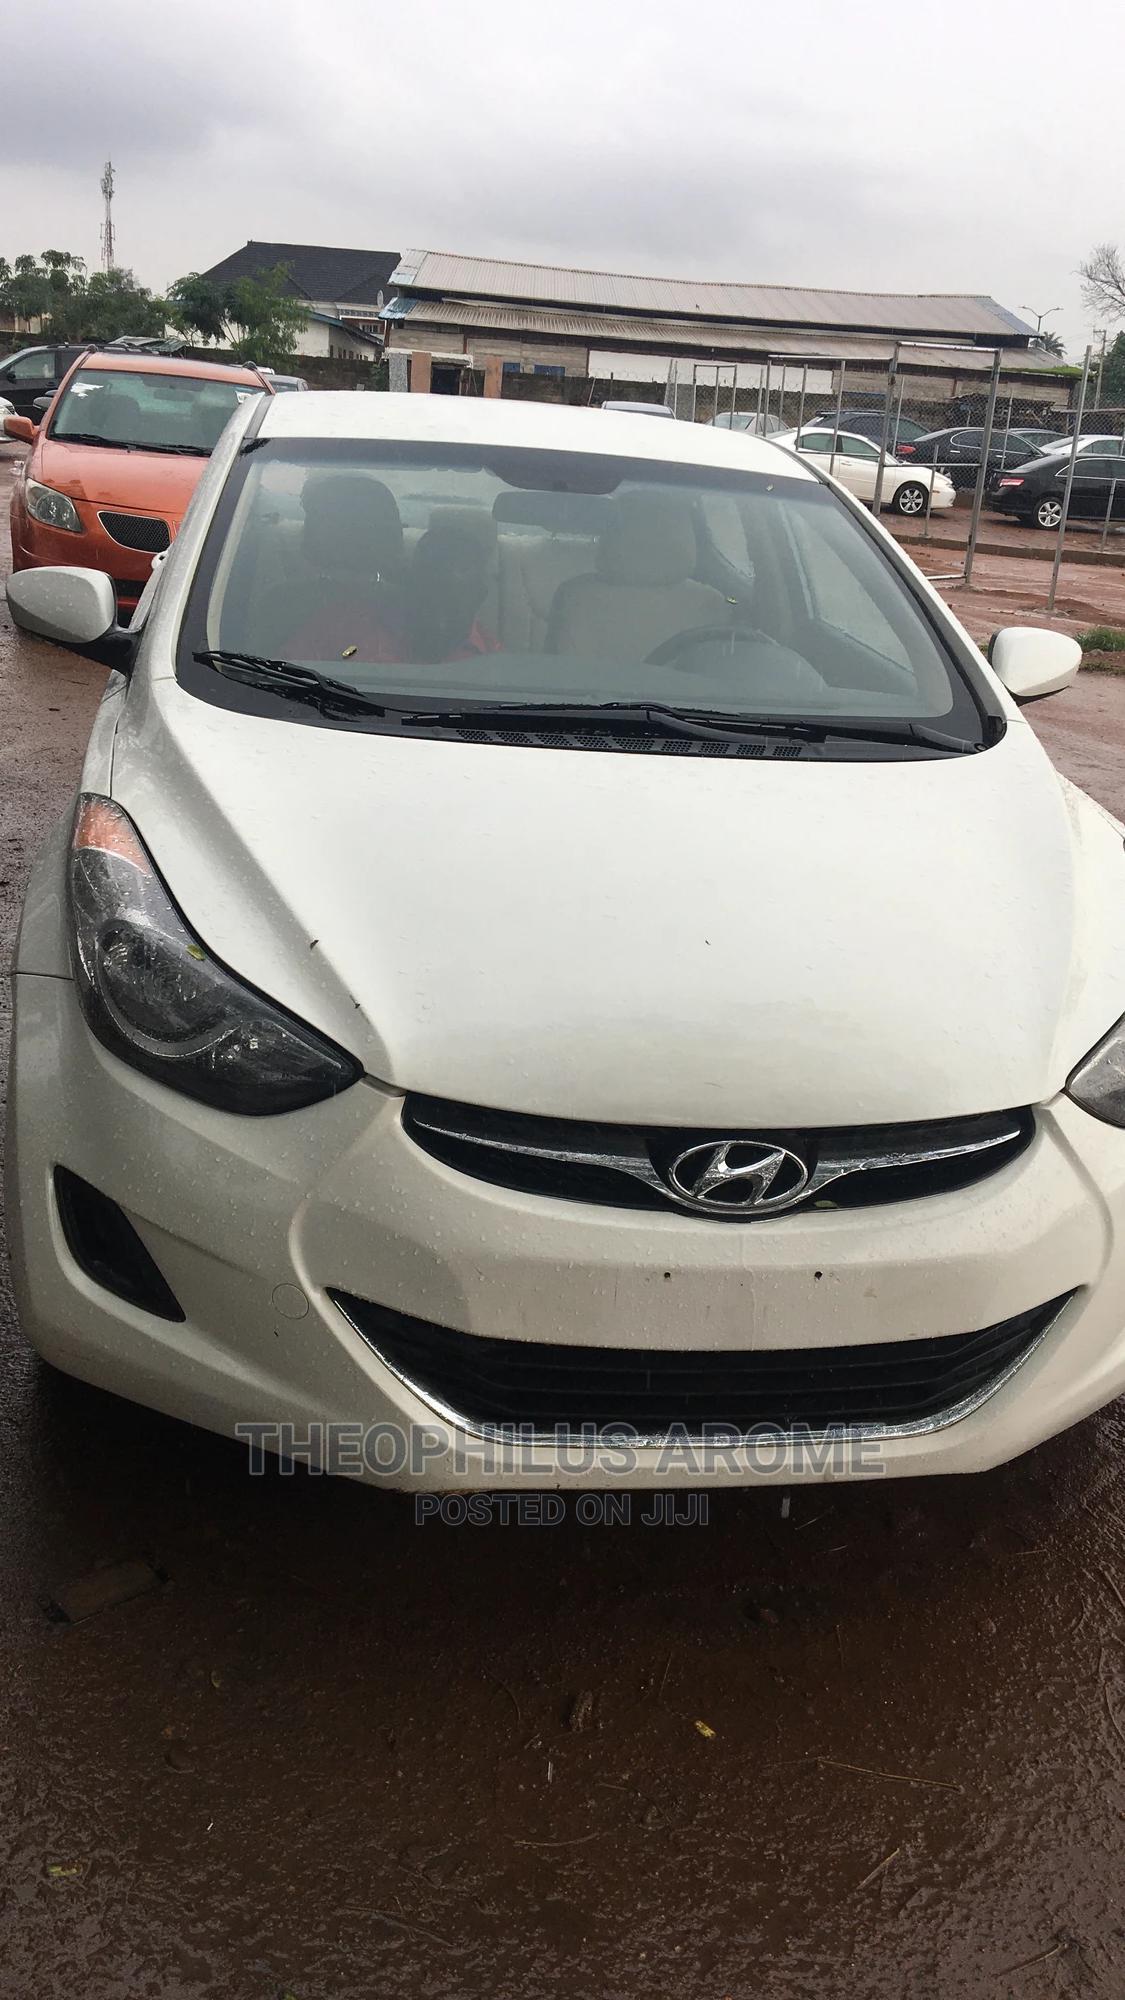 Archive: Hyundai Sonata 2011 White